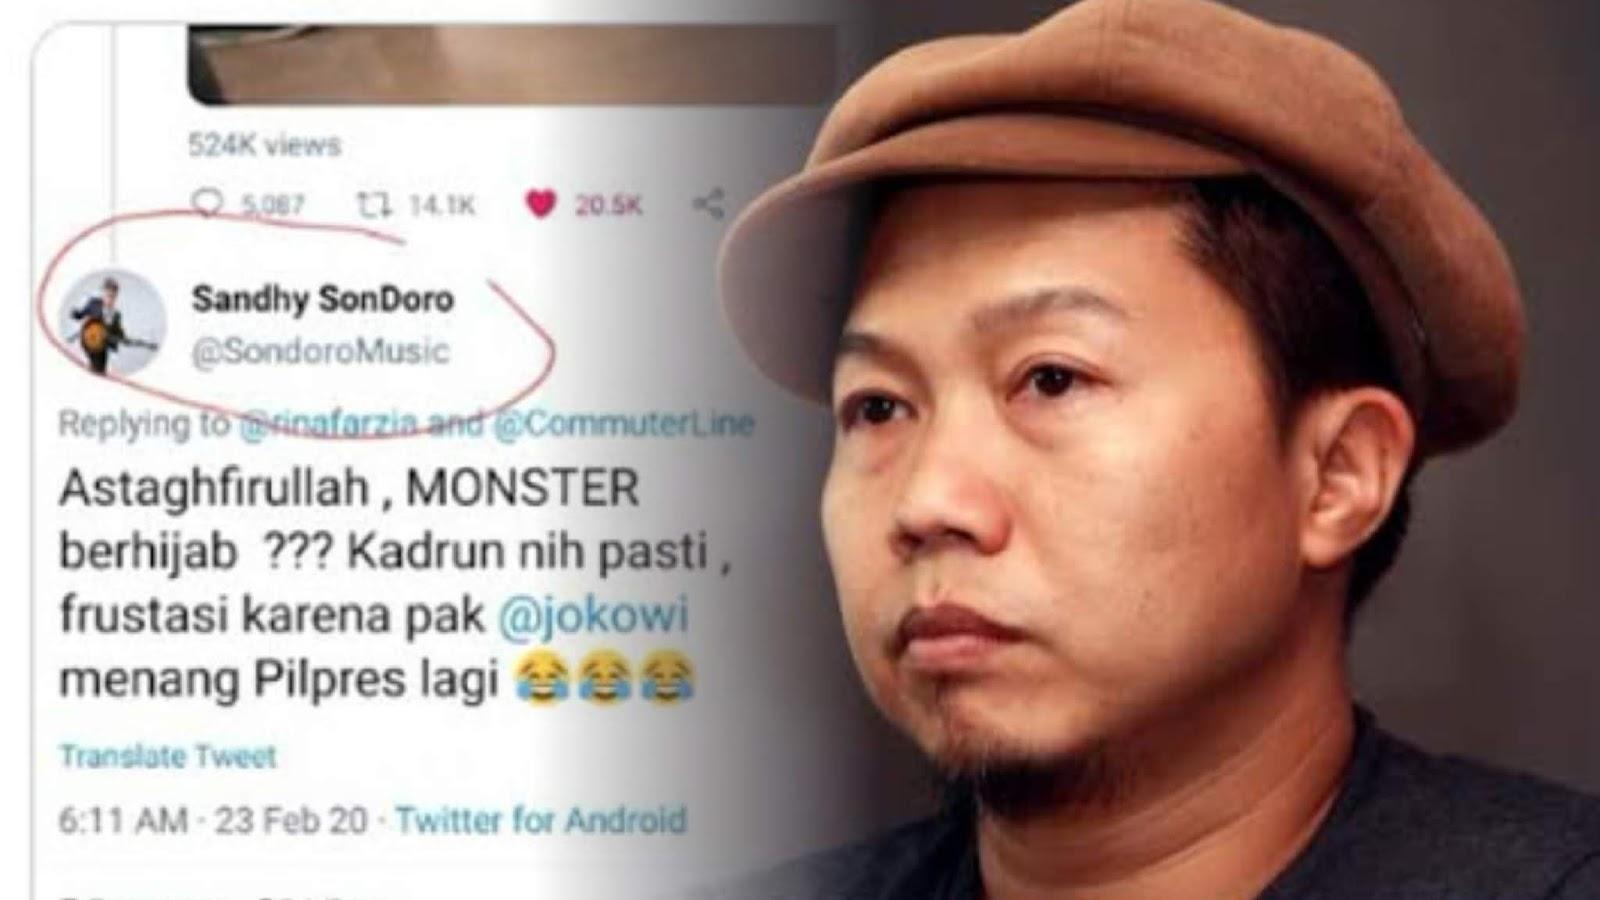 Sandhy Sondoro Dilaporkan Gara-gara Sebut Monster Berhijab Ngamuk di KRL